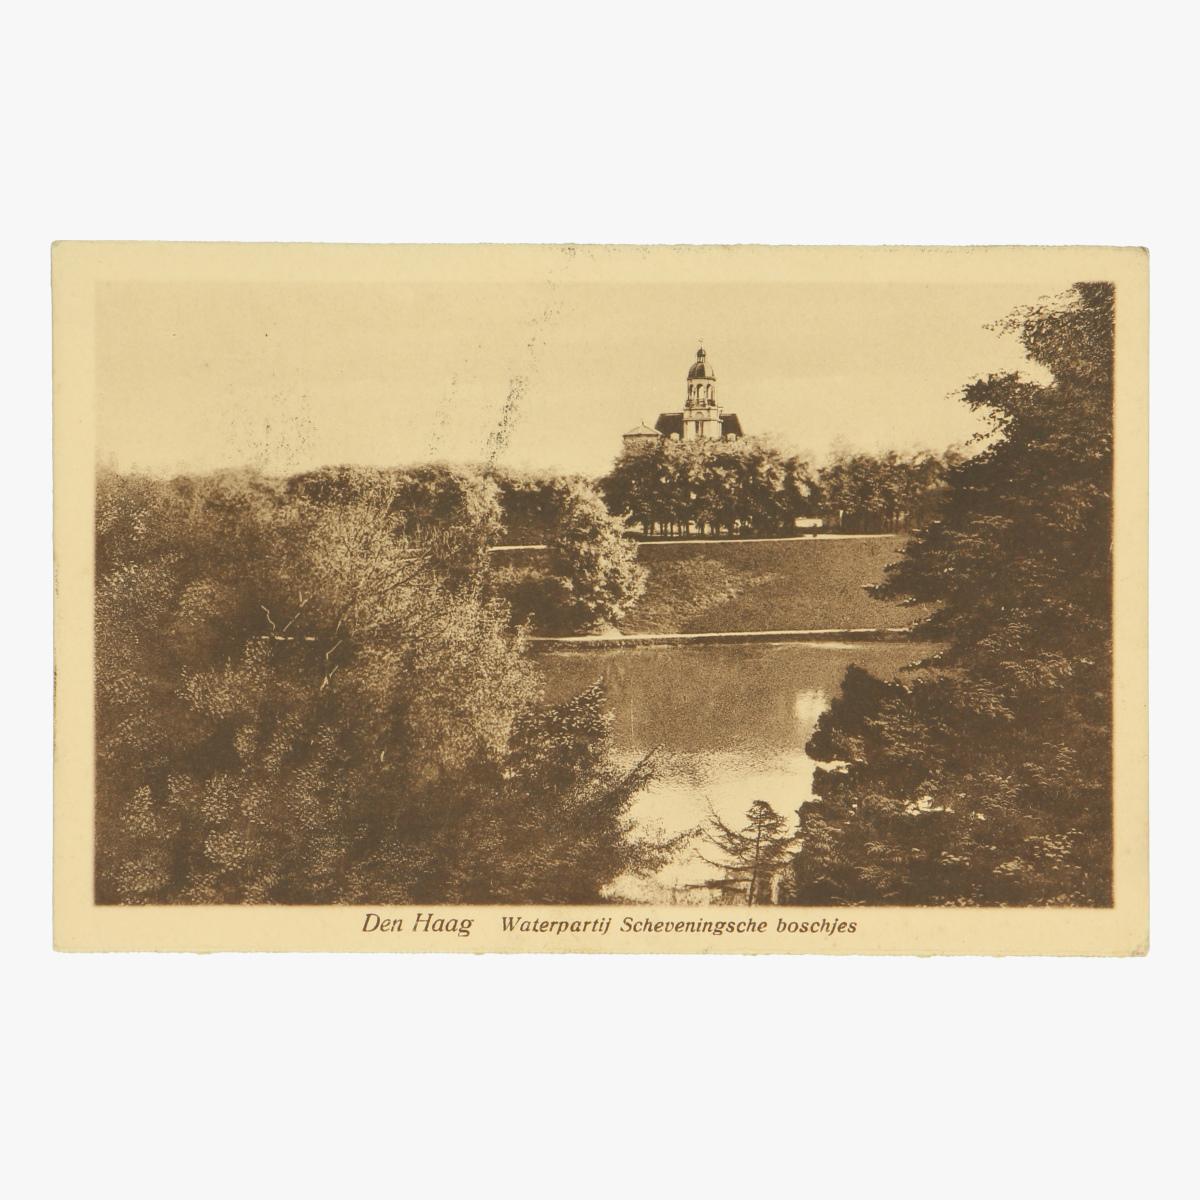 Afbeeldingen van Den Haag - Waterpartij Scheveningsche boschjes Postkaart Nr. 177 Uitgeverij Artur Klitzsch Den Haag